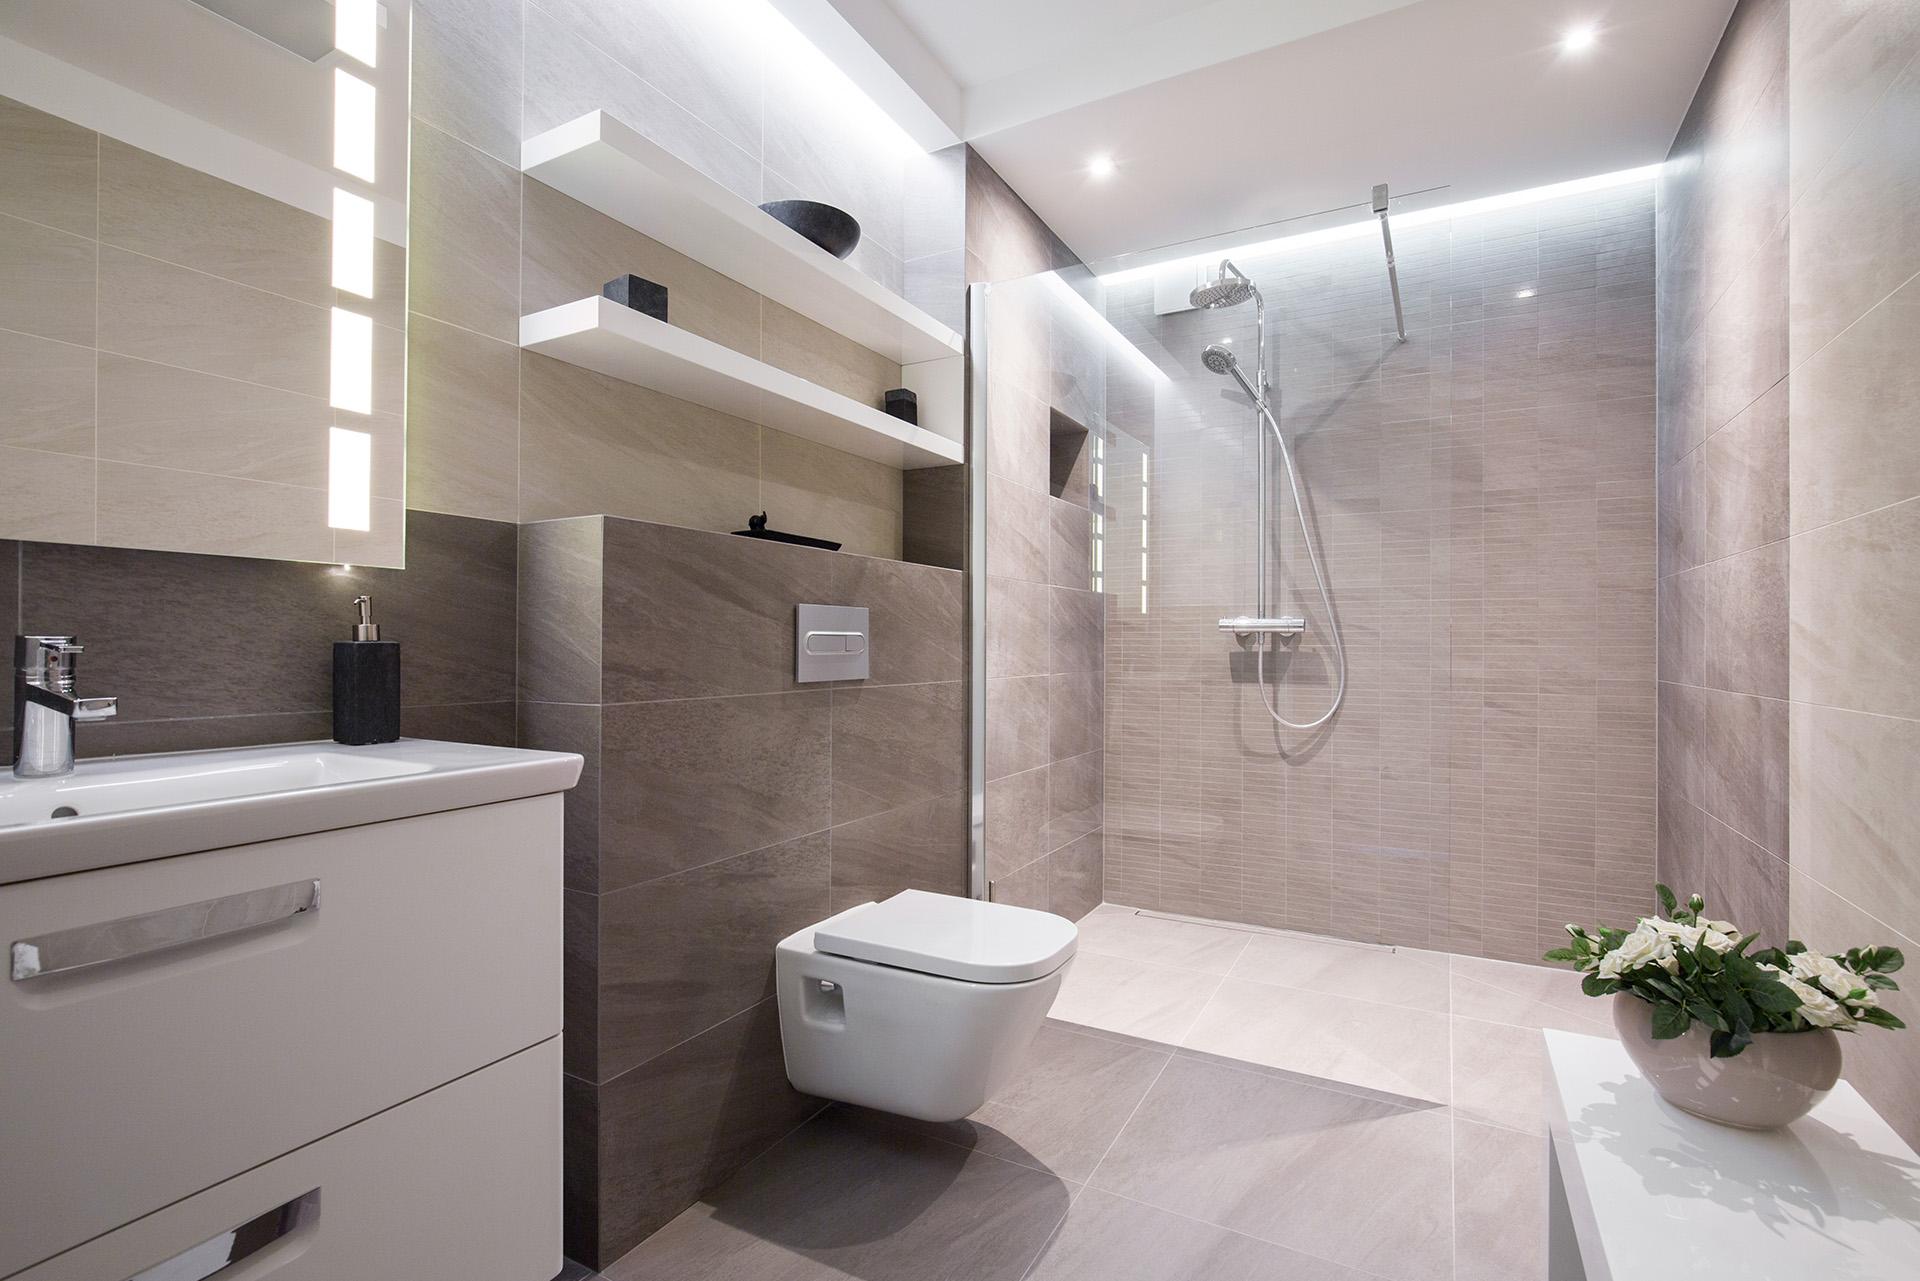 VAGUS HAUSTECHNIK - Modernes helles Badezimmer